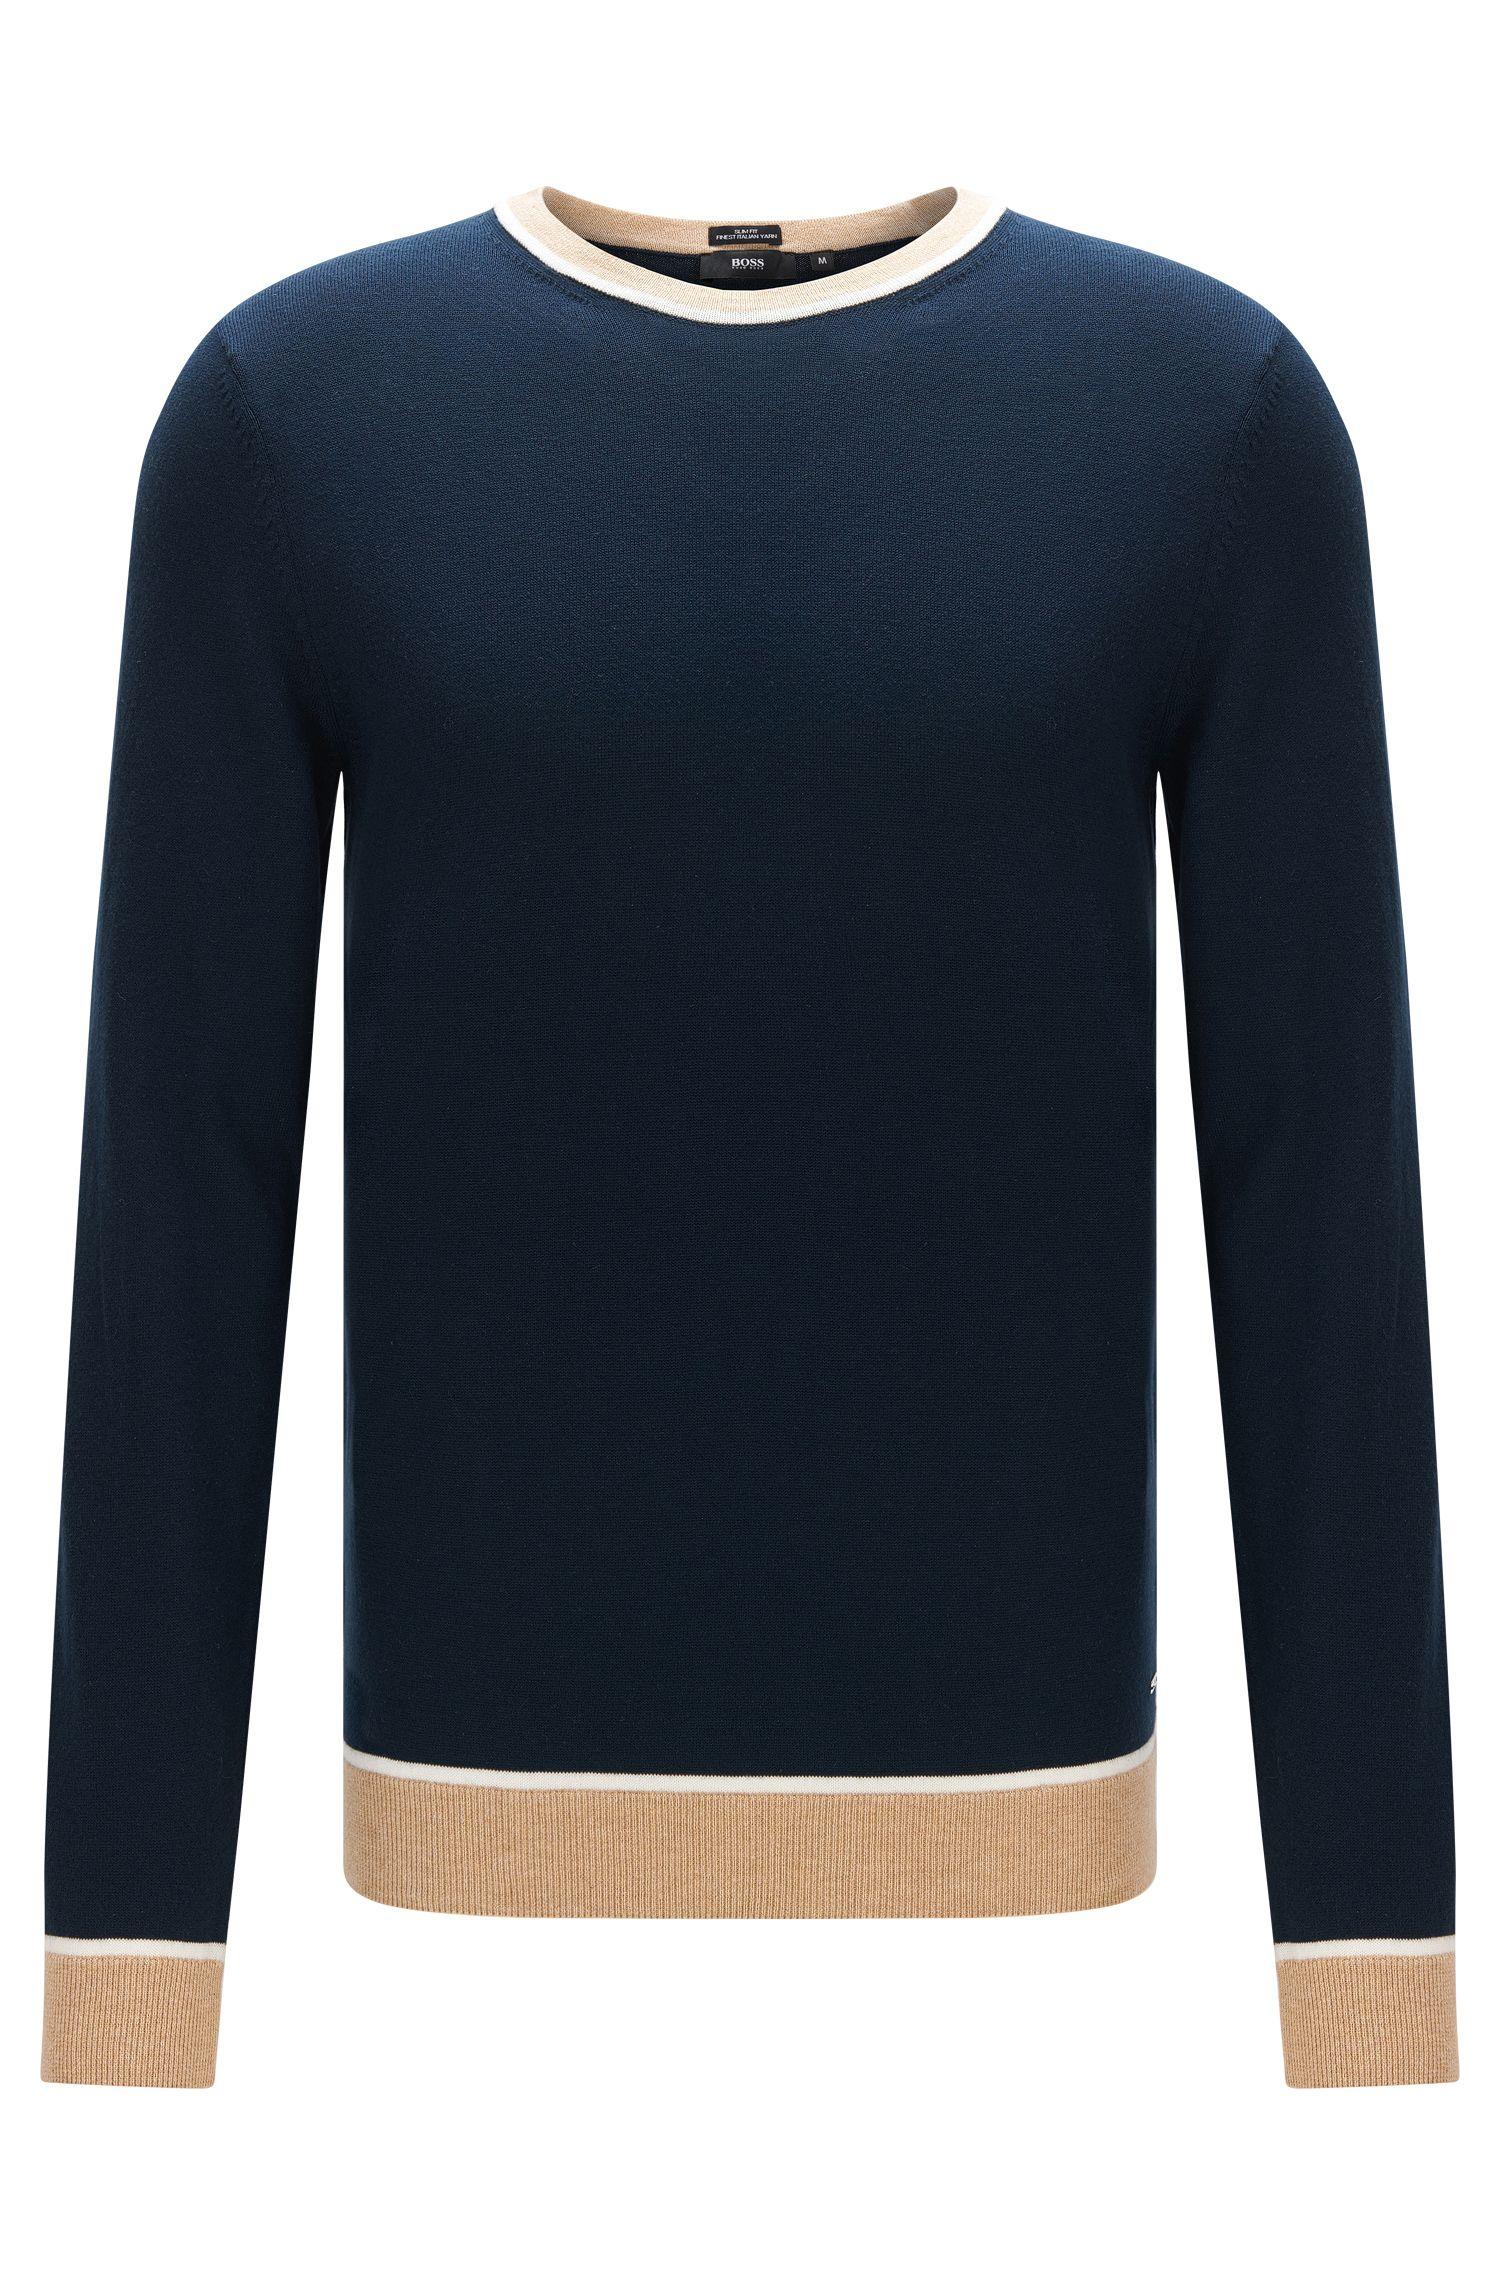 Colorblock Italian Cotton Sweater, Slim Fit | Marcelli